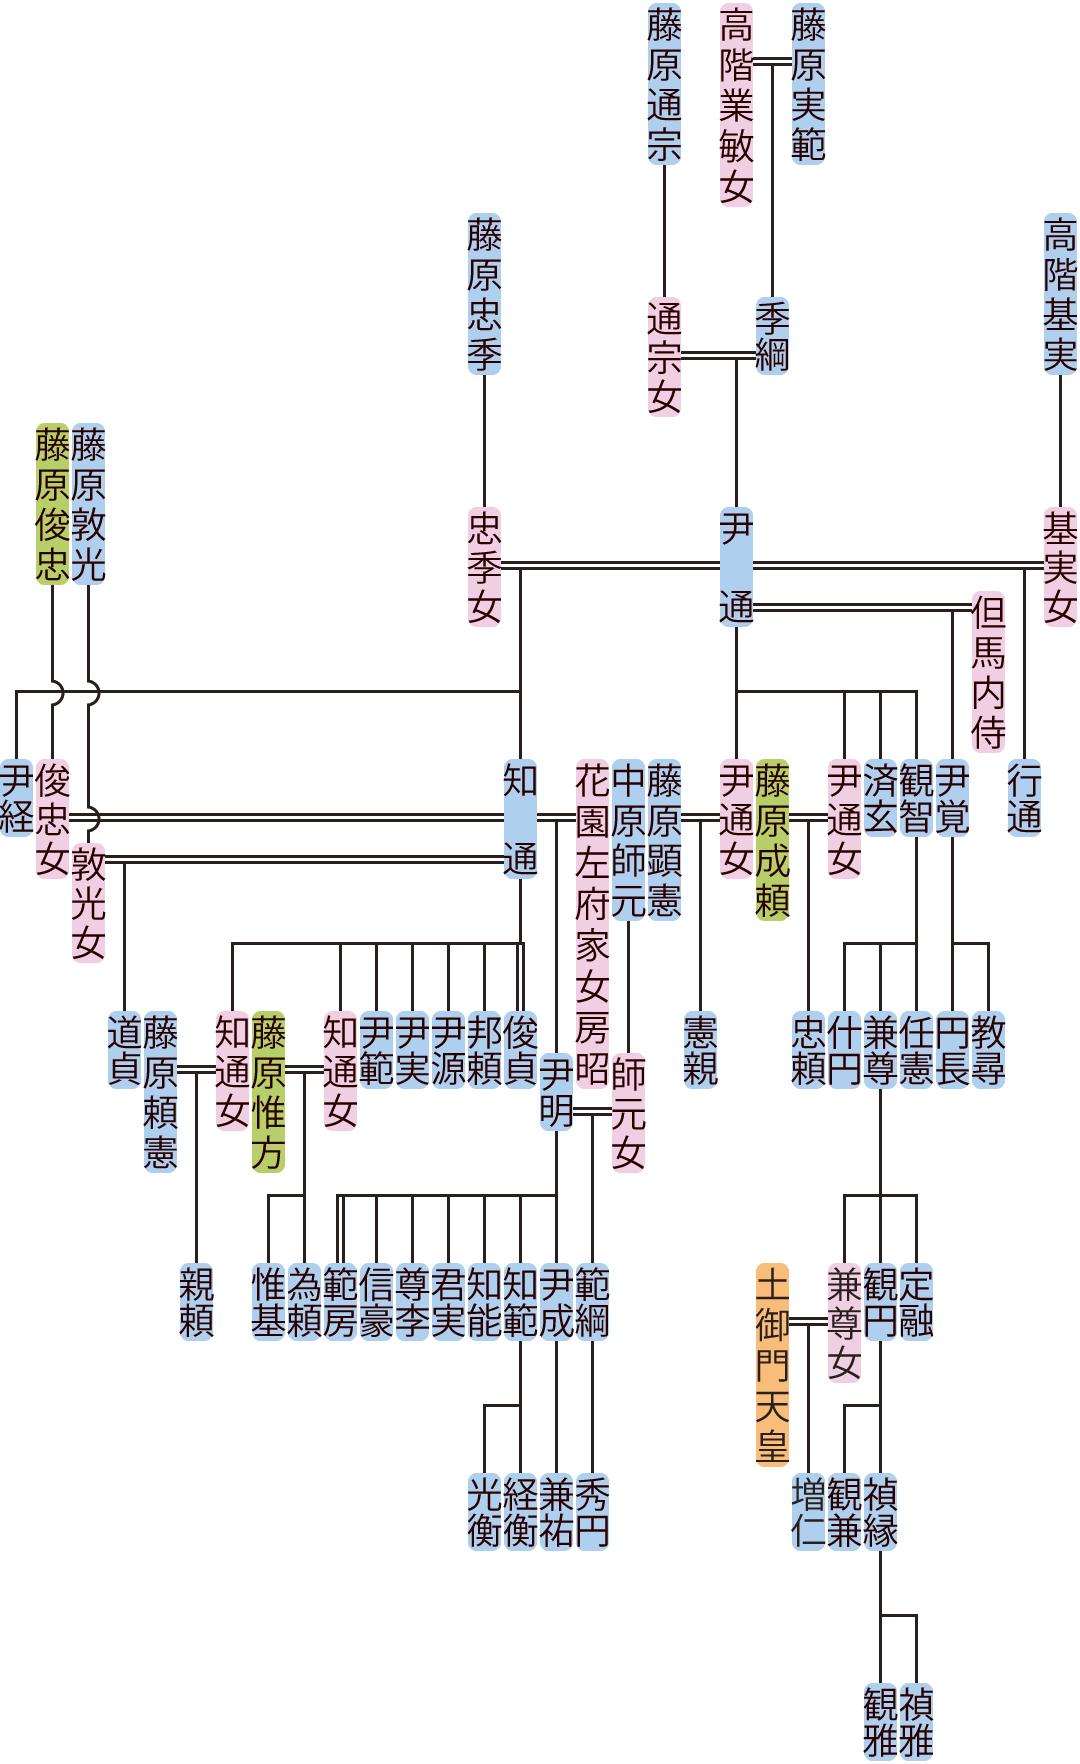 藤原尹通の系図